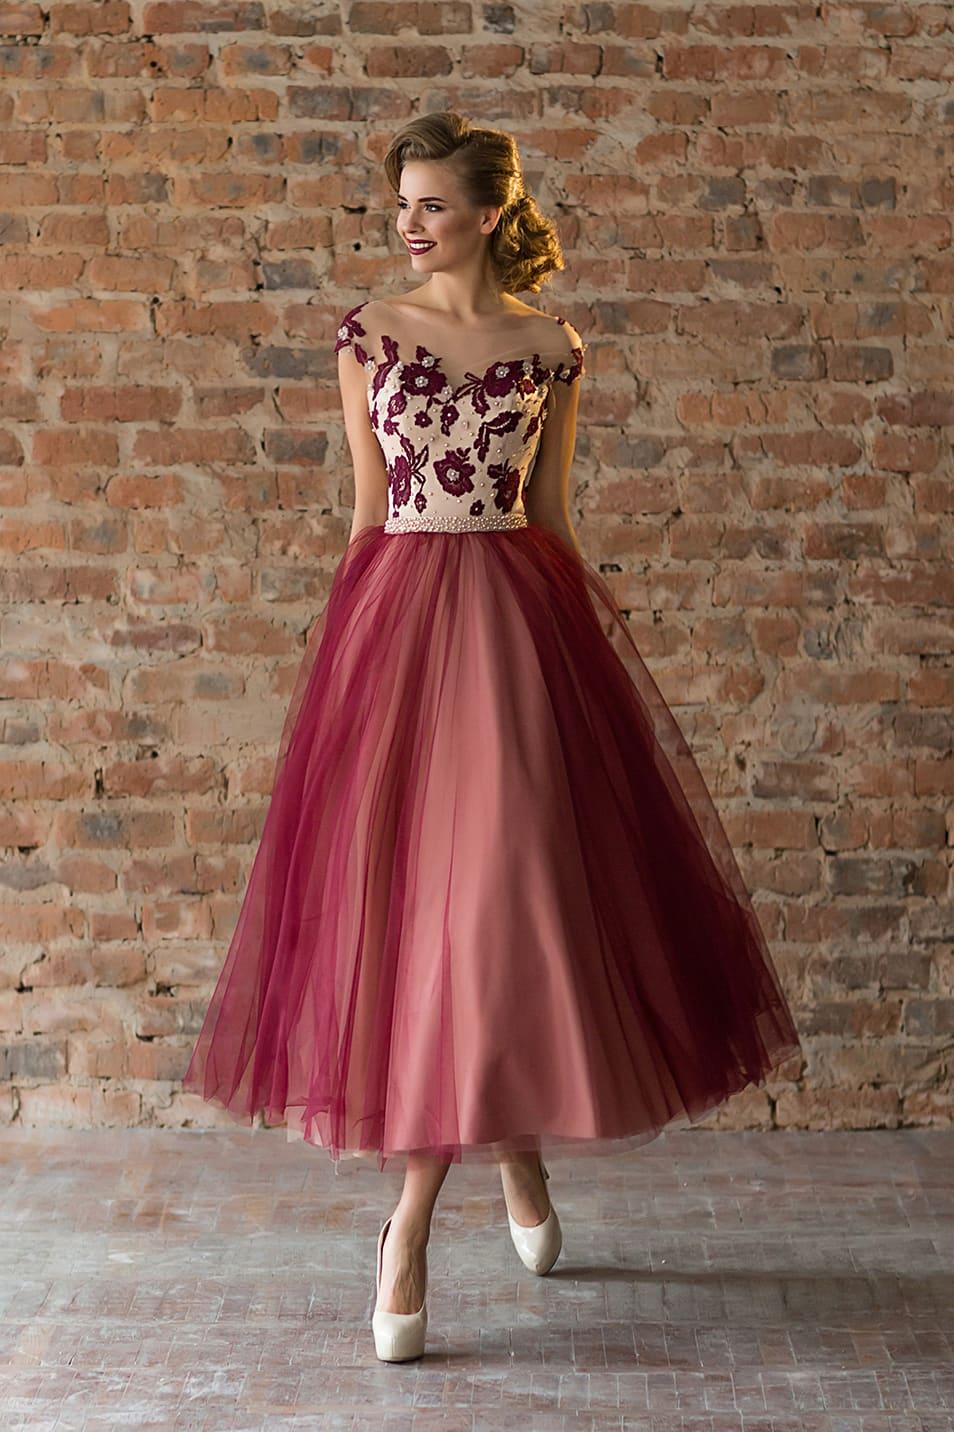 985d7f543f09 Короткое платье на выпускной Valentina Gladun Kerry ▷ Свадебный ...